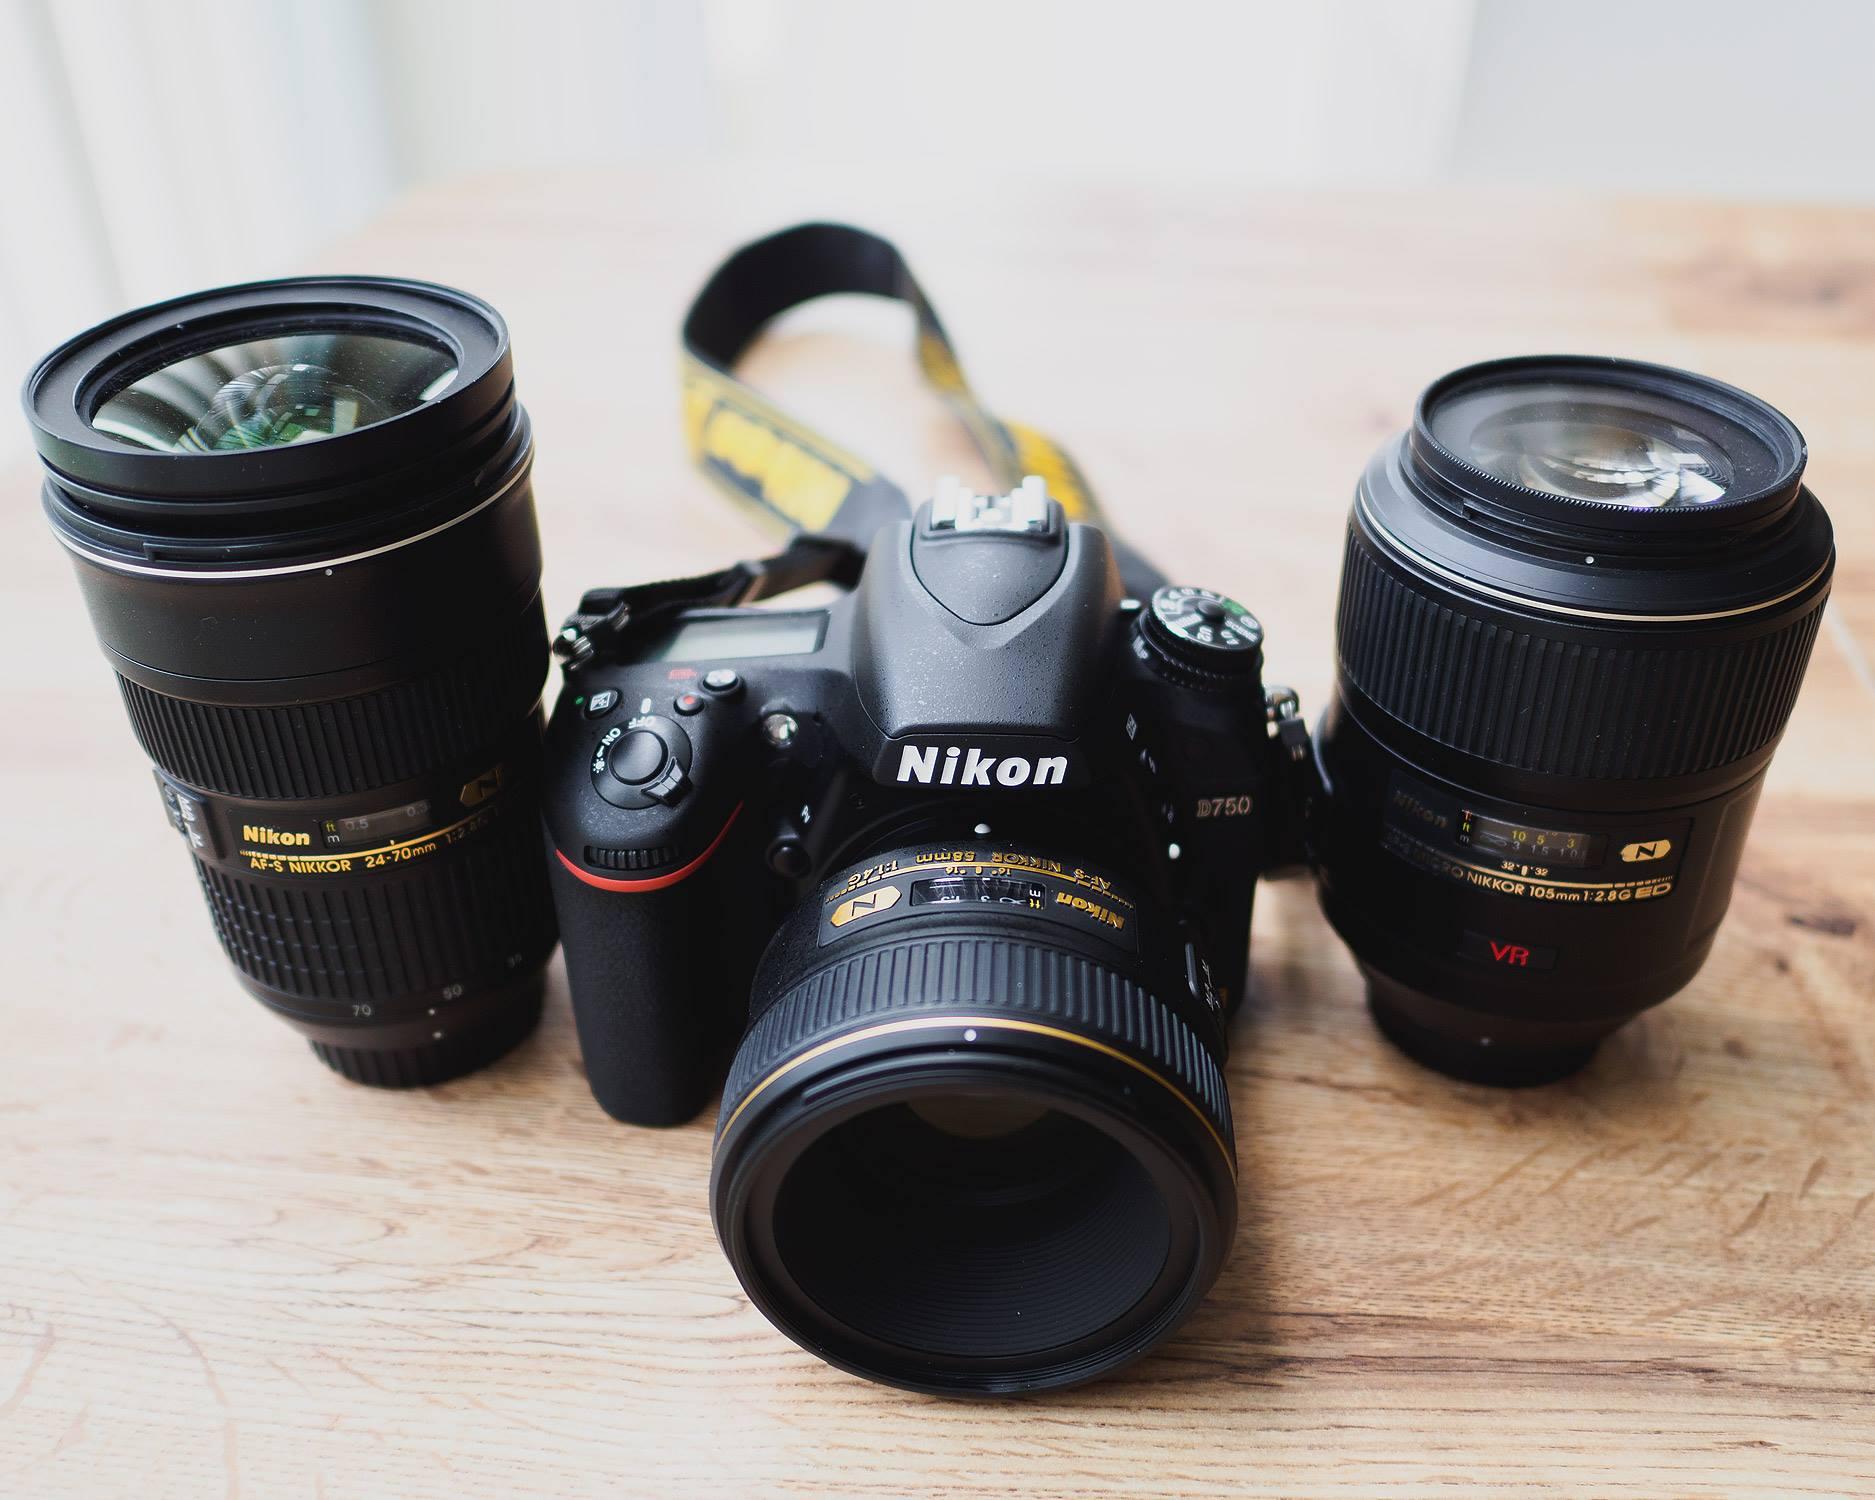 Nikon D750 + AF-S 58mm f/1.4G lens + 2 other lenses